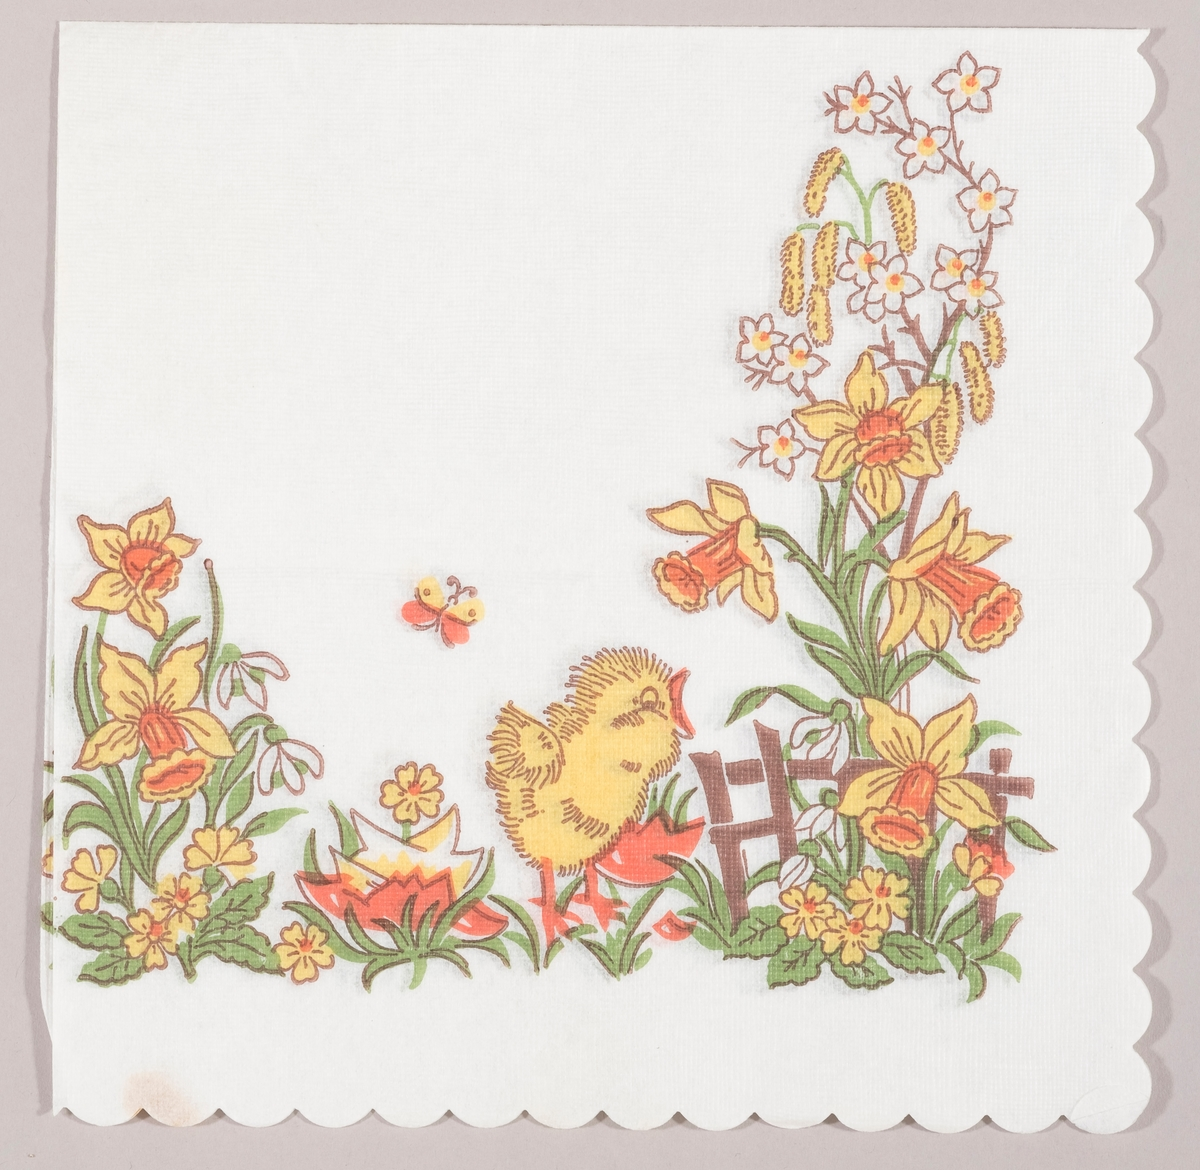 En kylling står ved siden av skallet av et egg i en hage med gjerde og påskeliljer, snøklokker, grene med rakler og hvite og gule blomster.